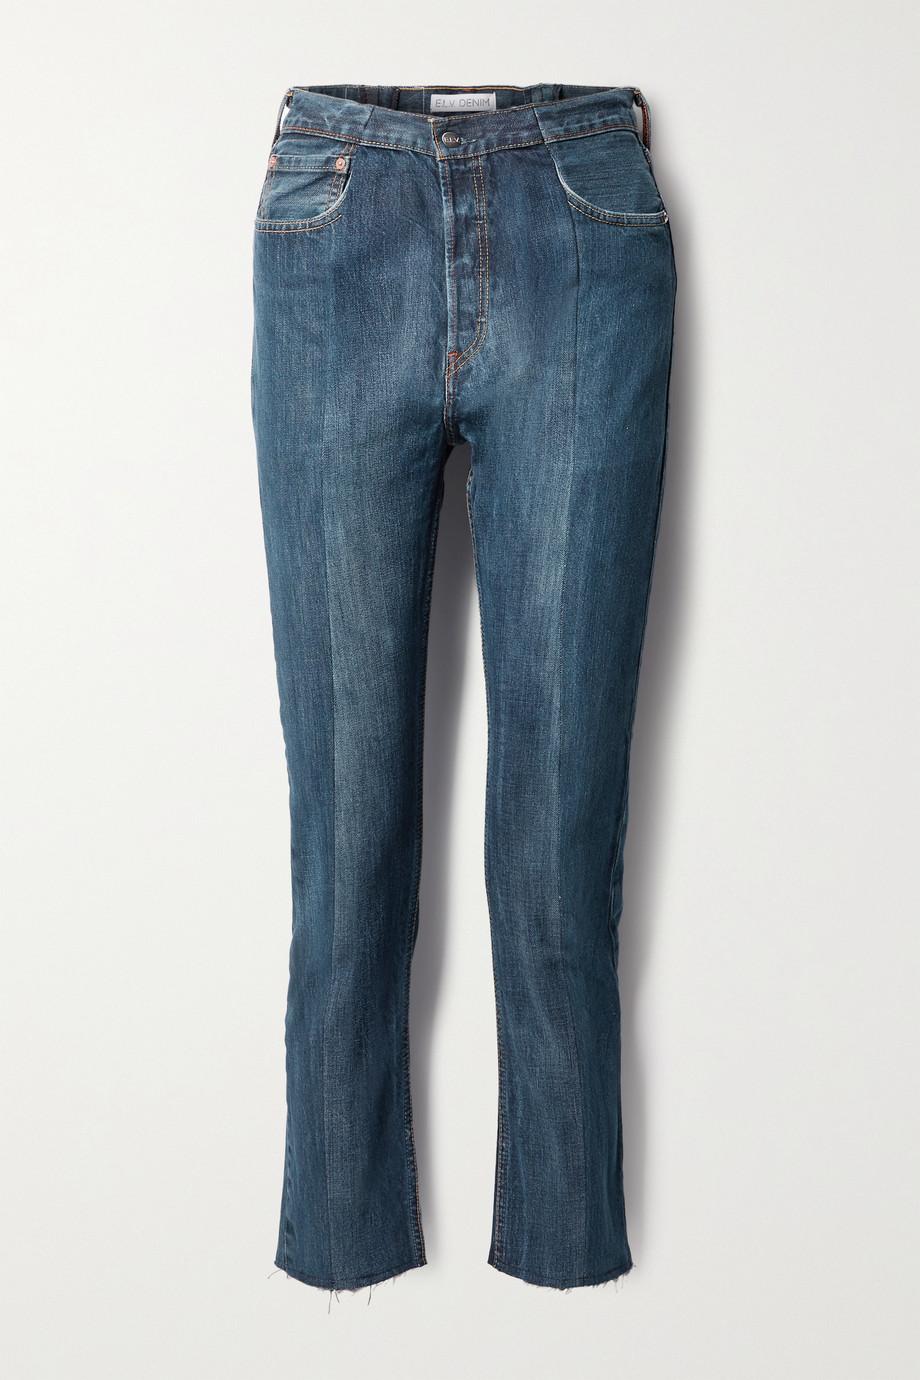 E.L.V. Denim + NET SUSTAIN The Twin zweifarbige hoch sitzende Jeans mit geradem Bein und Fransen